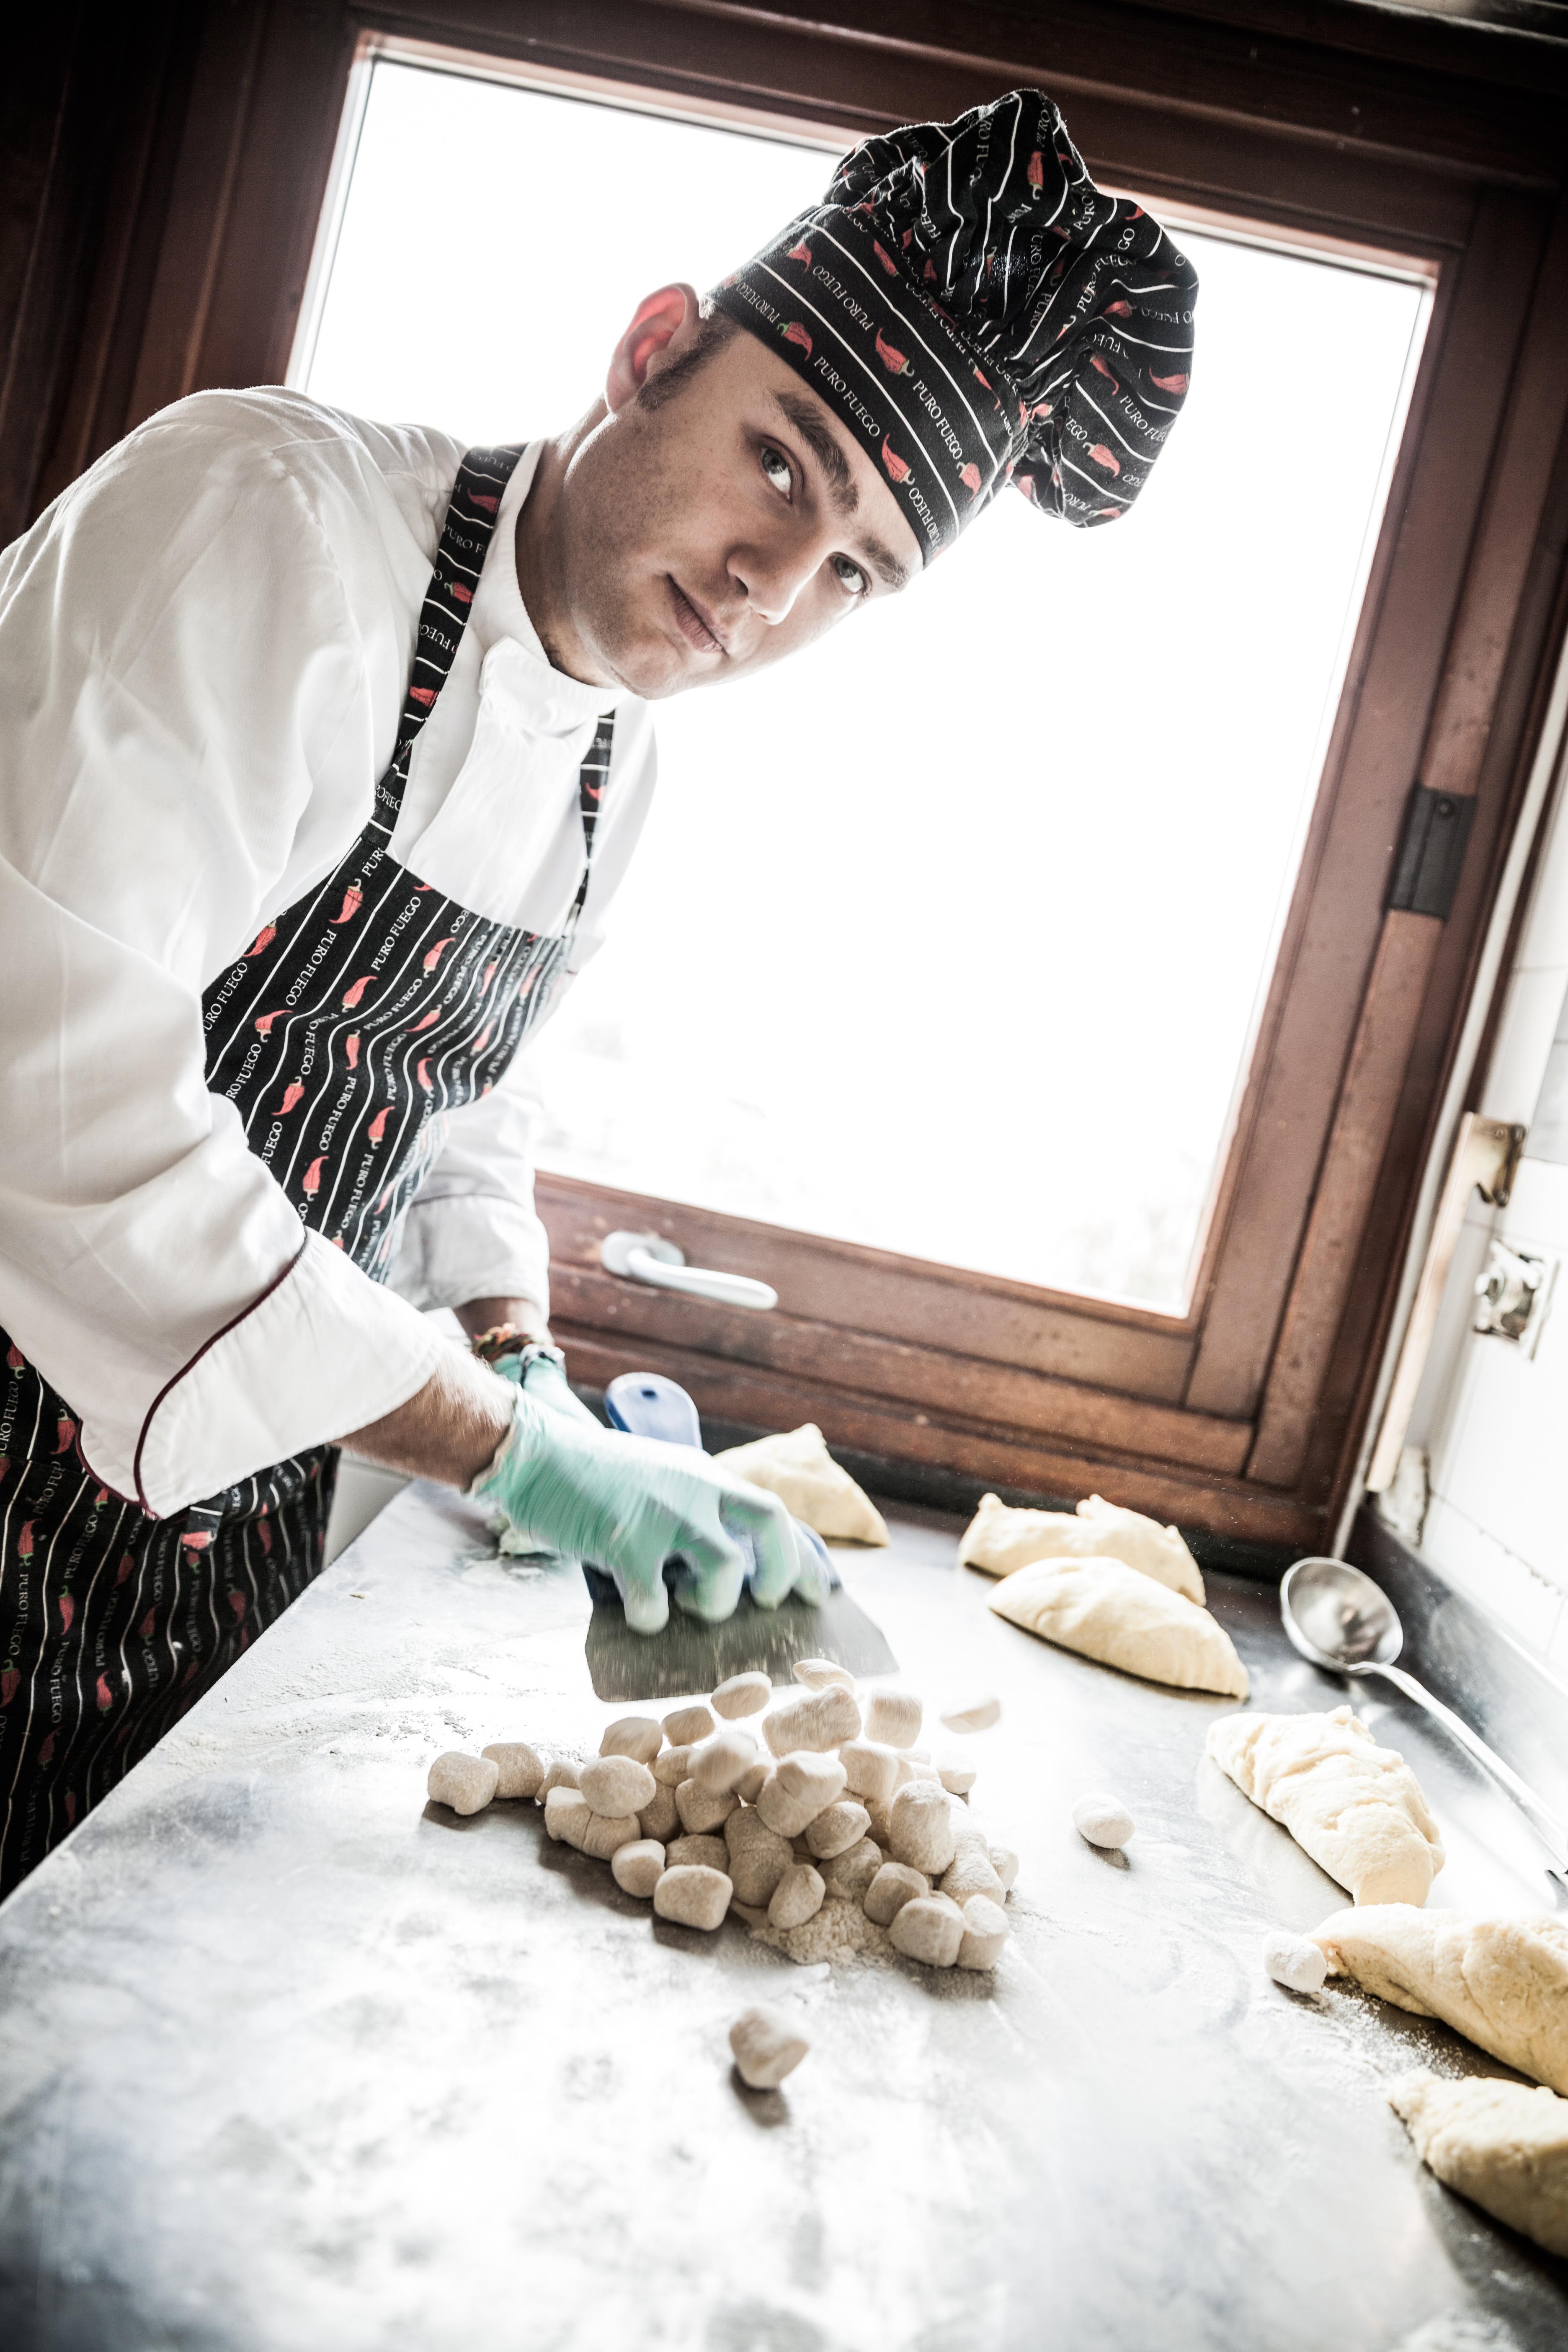 Cucina-gnocchi-37-part